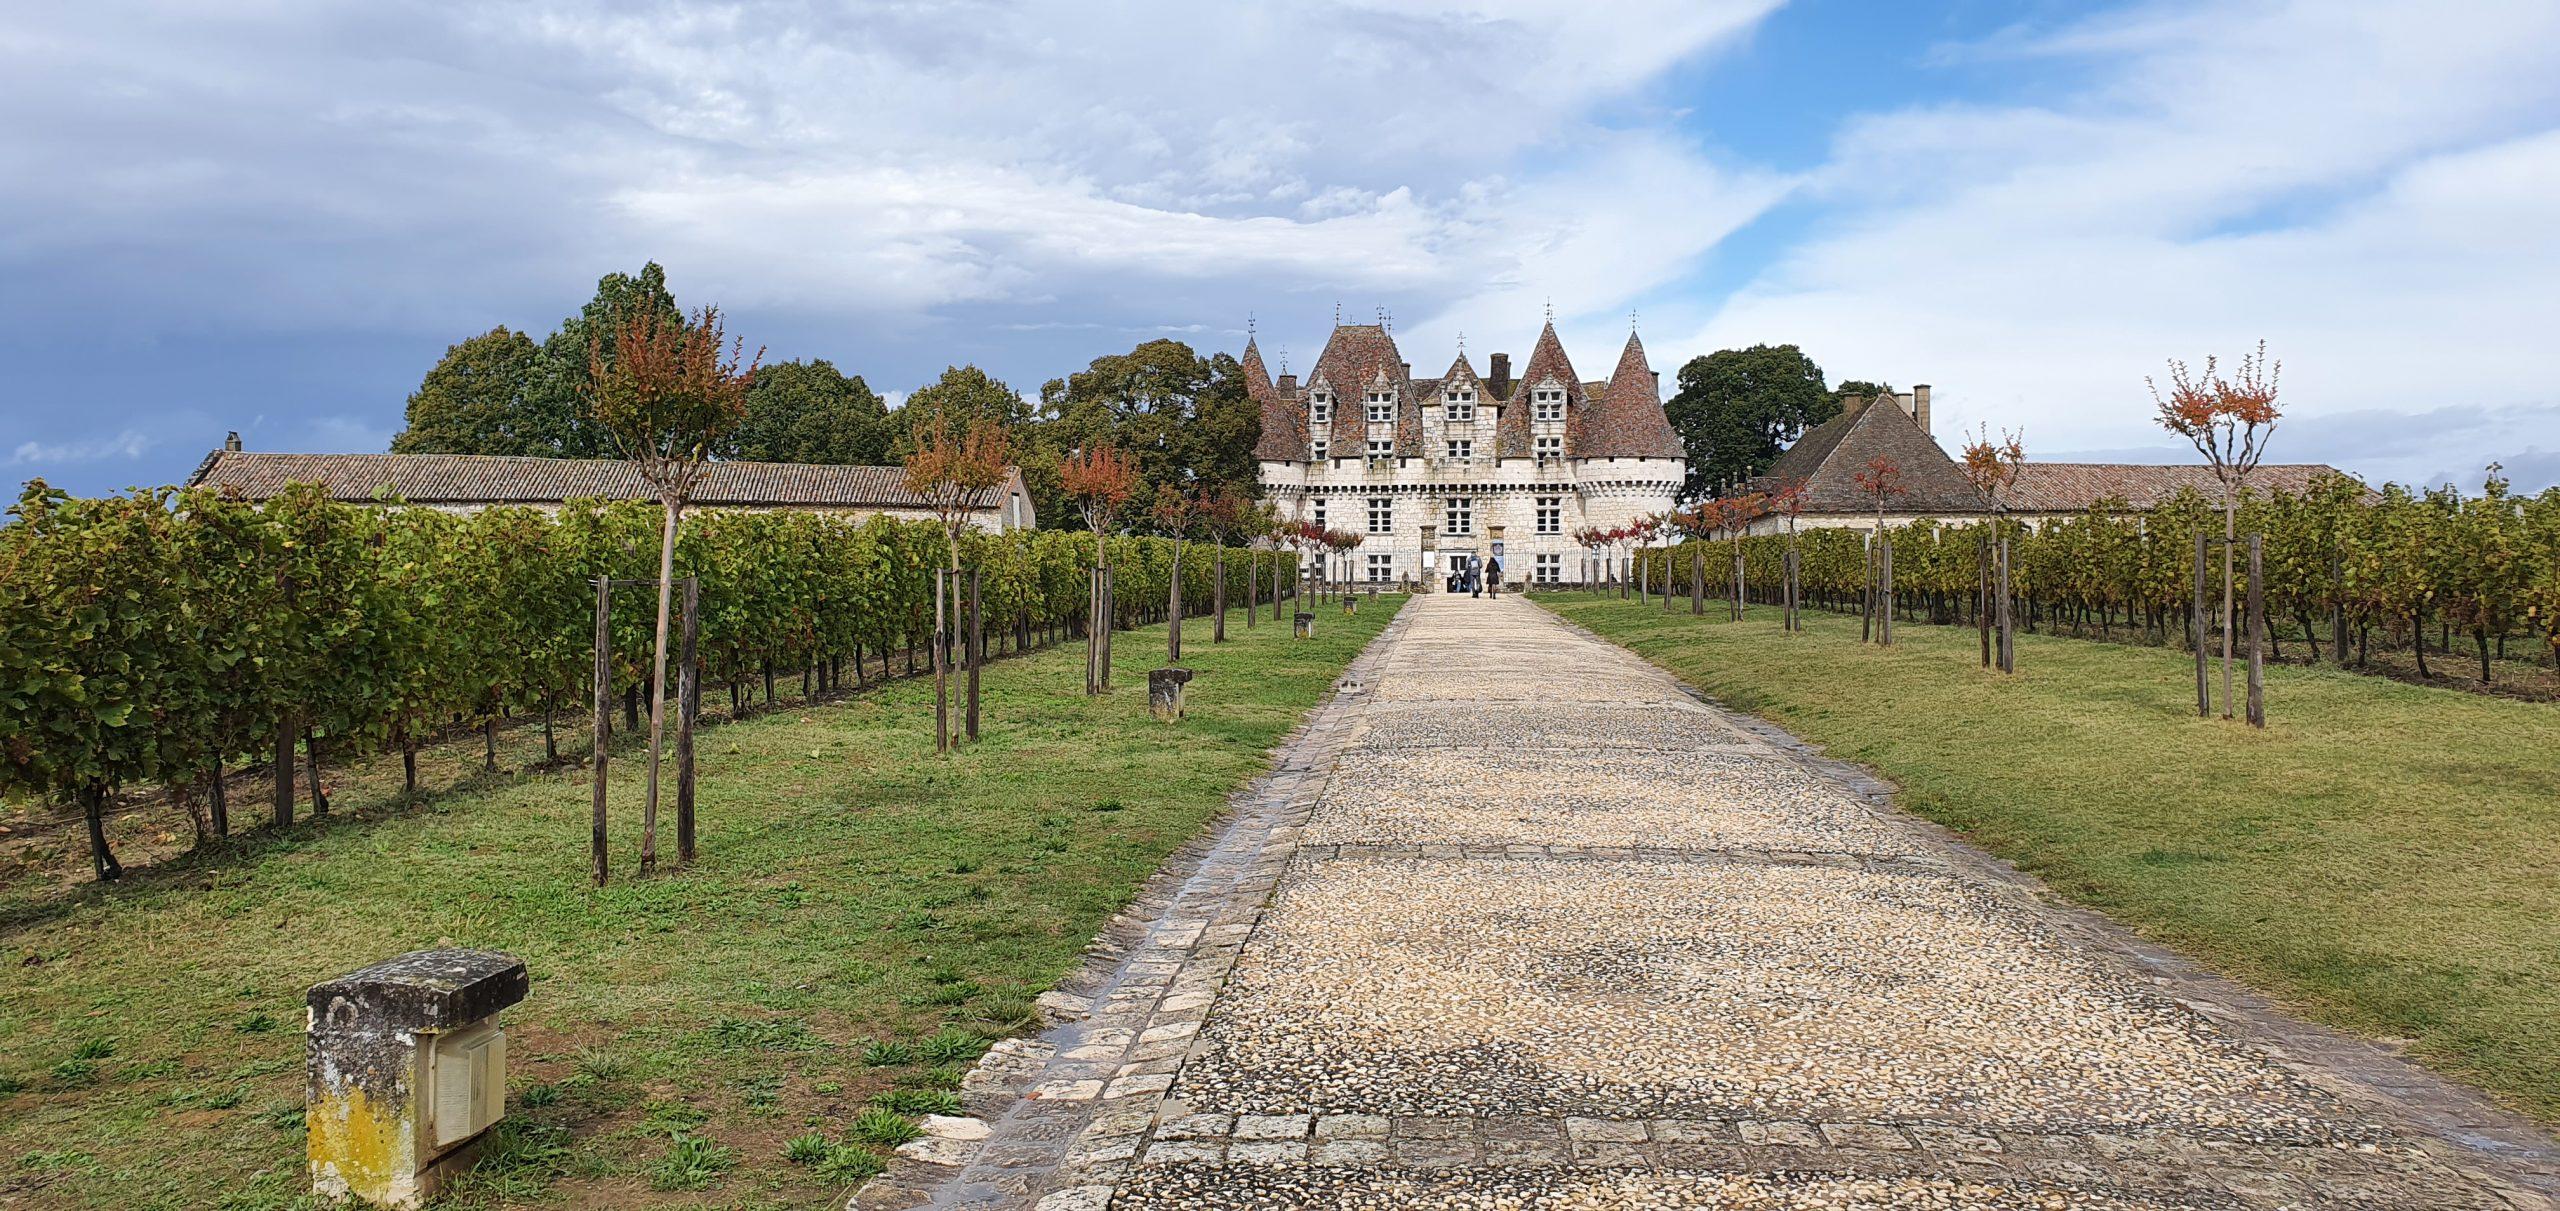 4 octobre : Château de Monbazillac (et vins... )